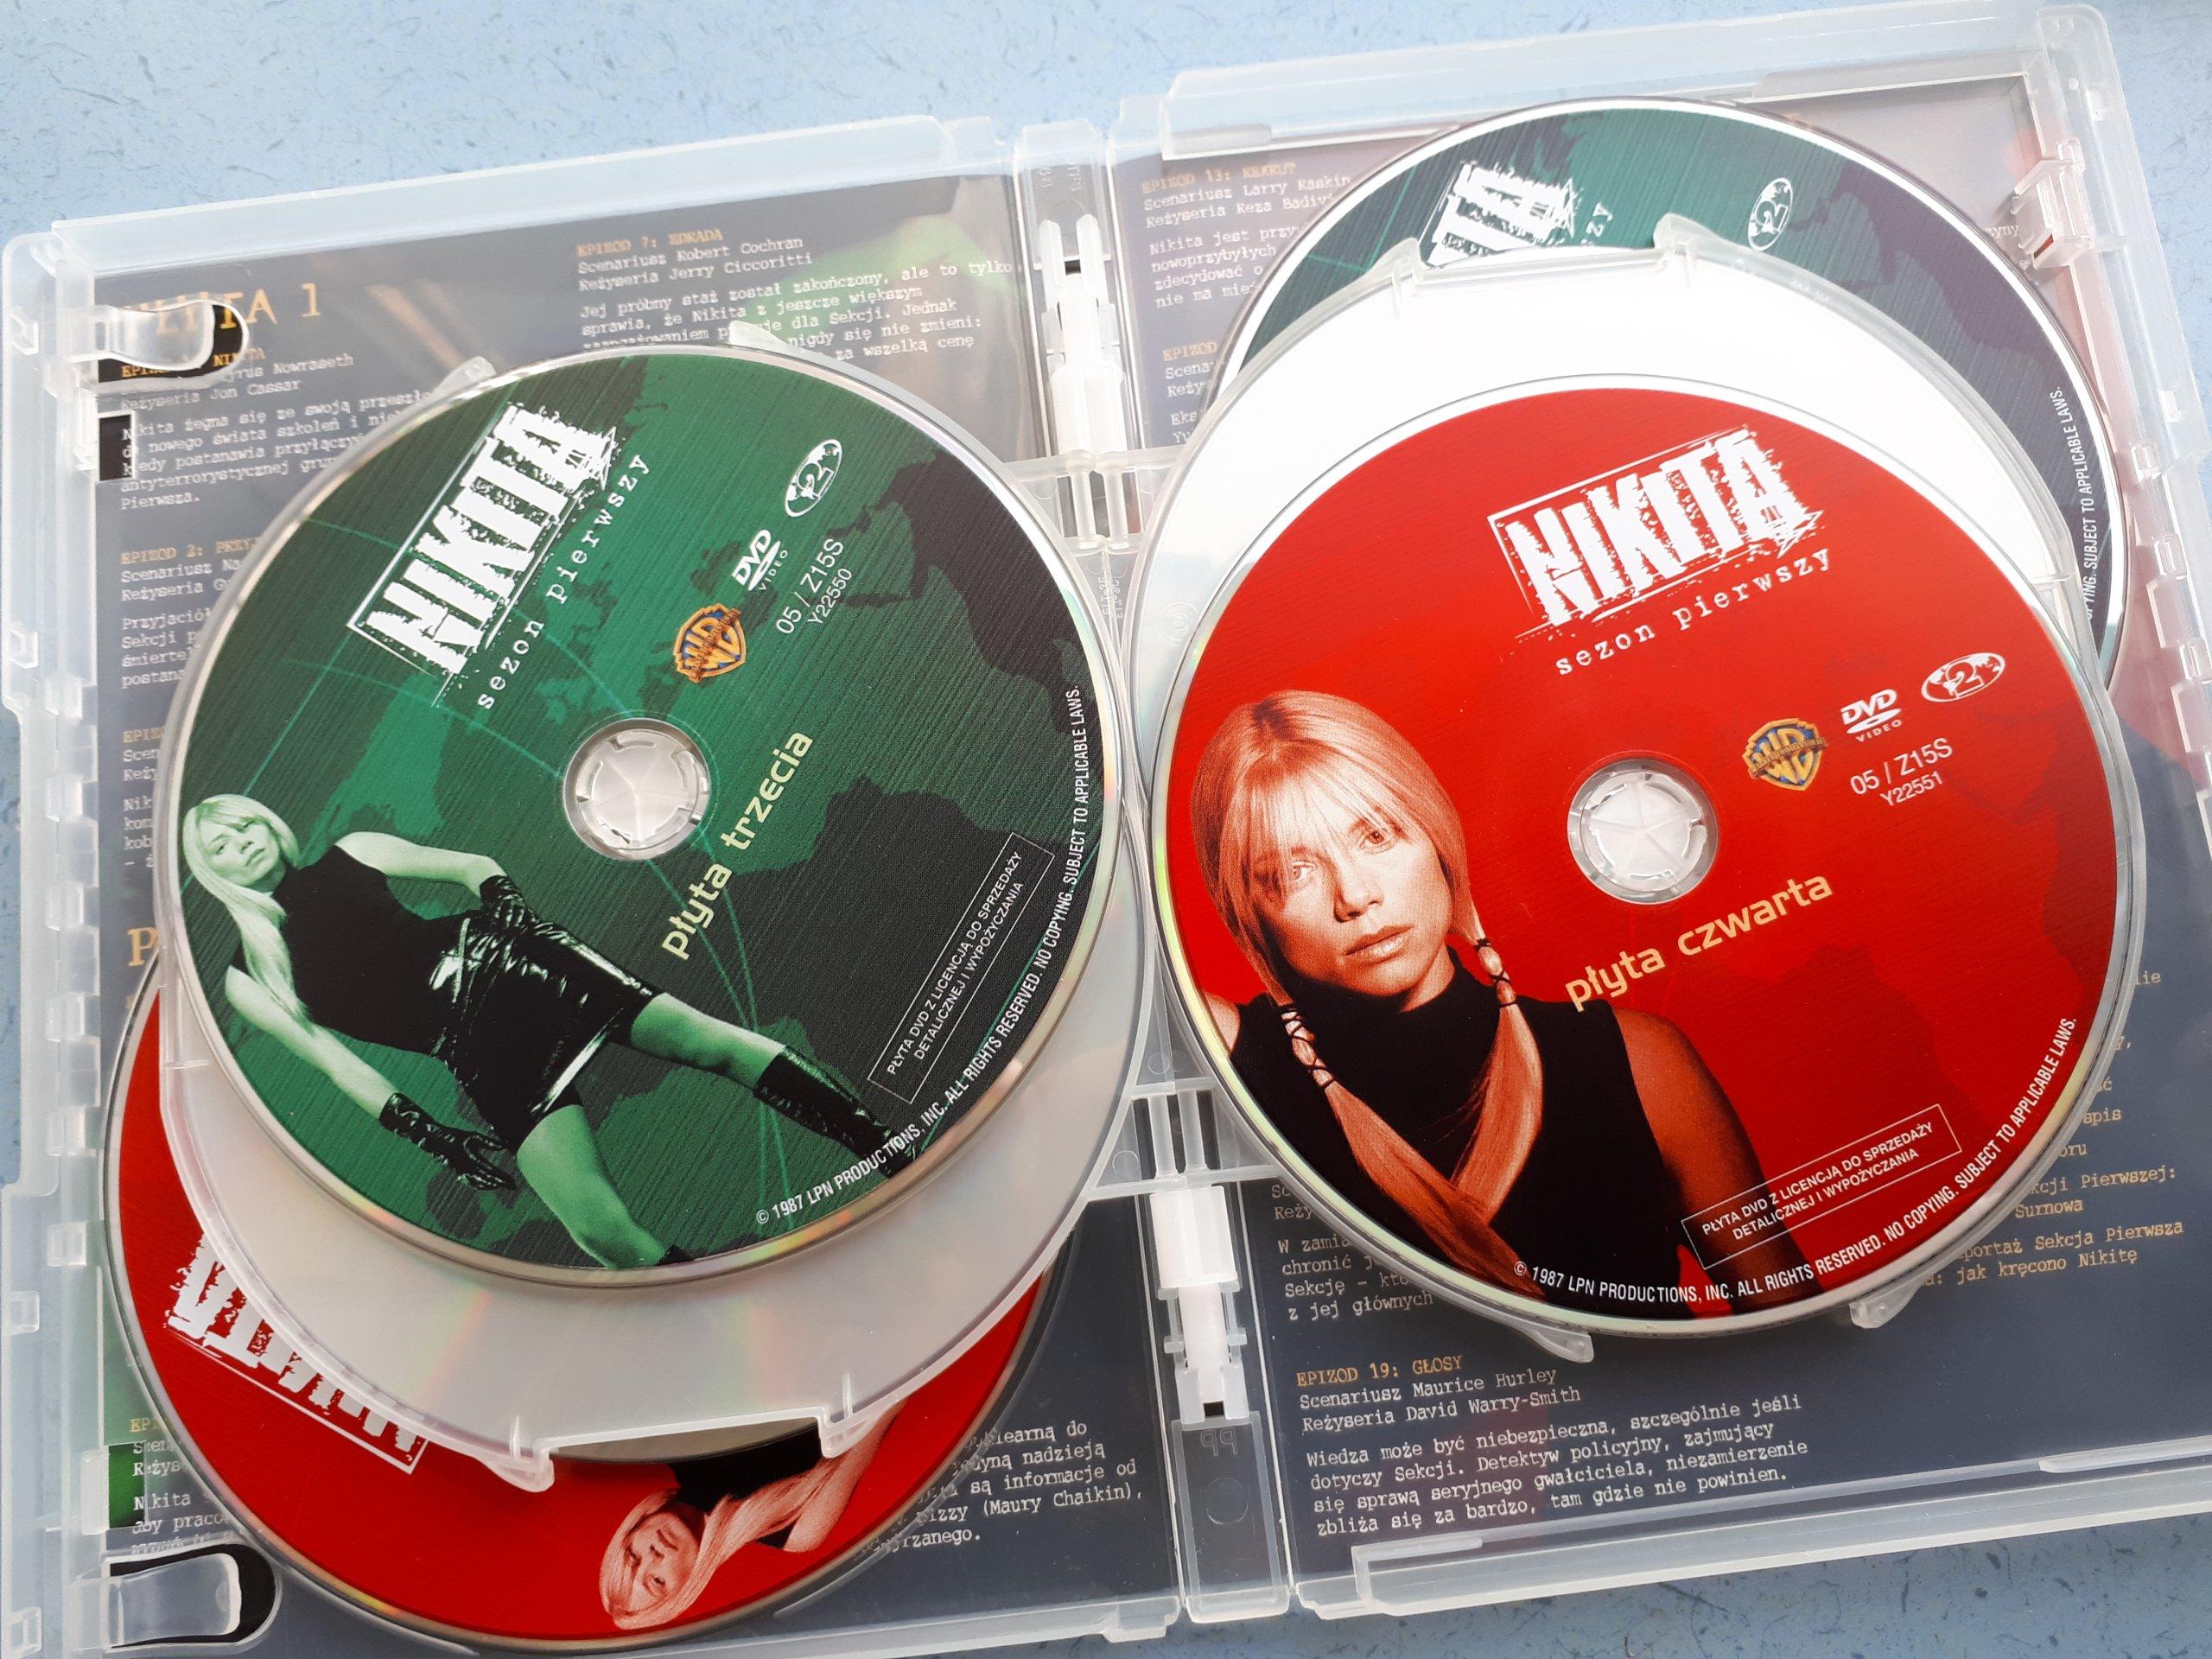 NIKITA SEZON 1*LA FEMME NIKITA* PETA WILSON '97 - 7249586010